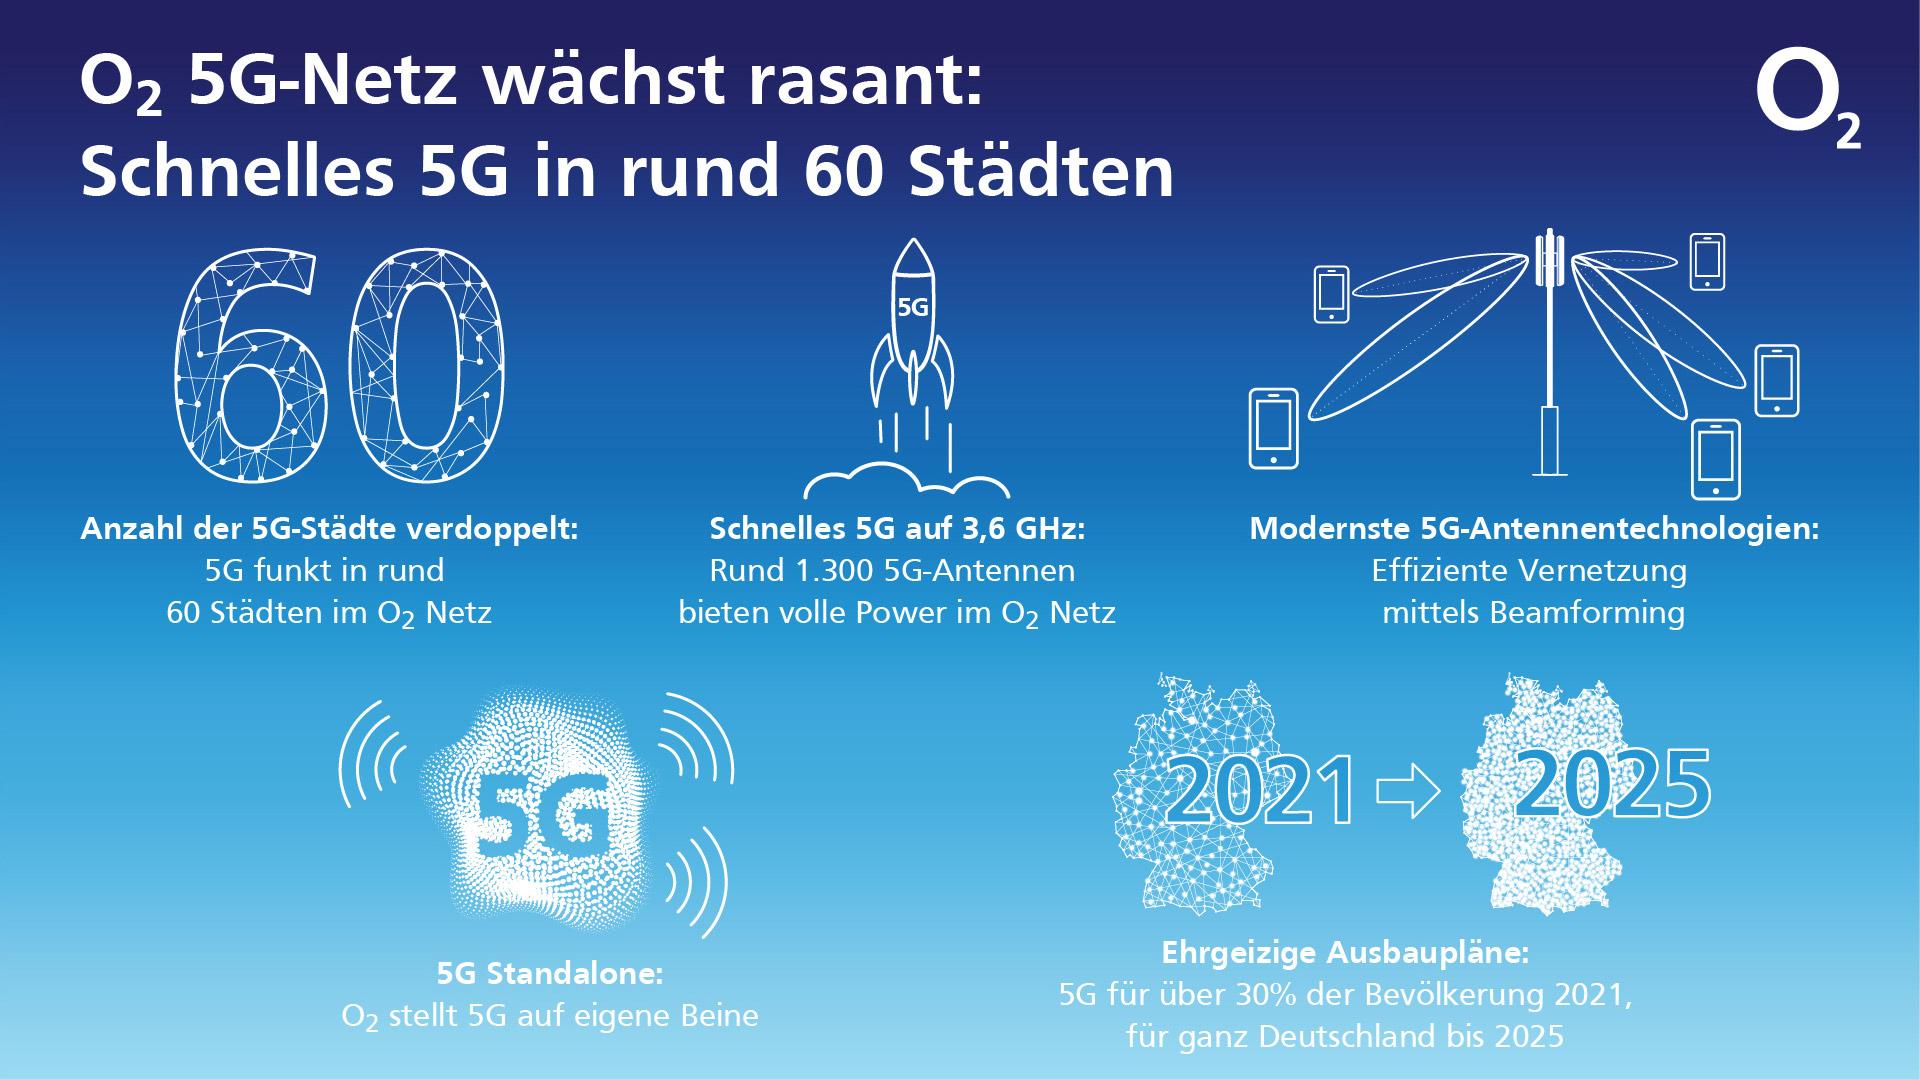 O2 beschleunigt bundesweiten 5G-Ausbau.